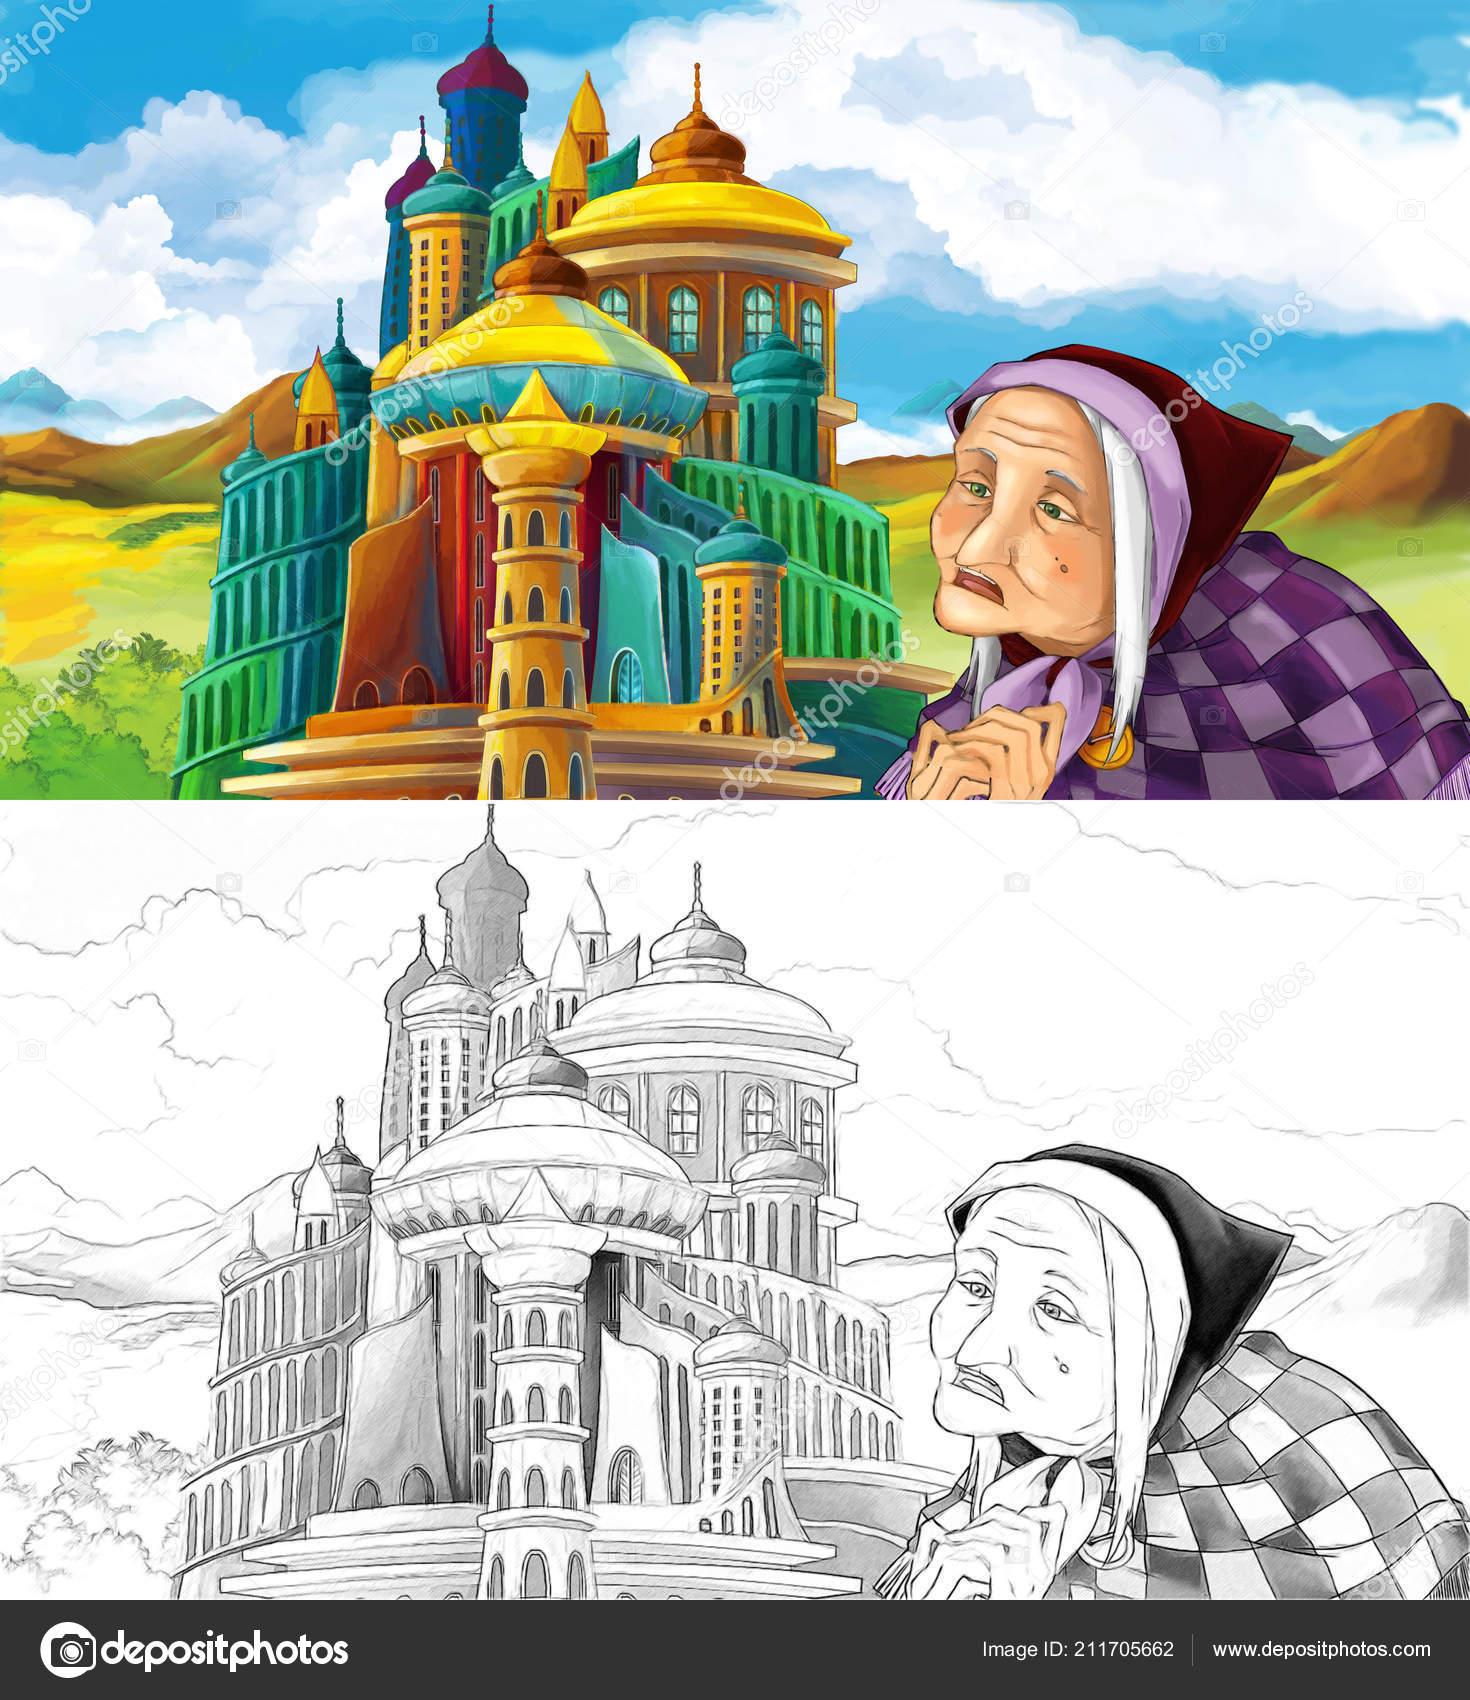 Coloriage Chateau Sorciere.Dessin Anime Scene Avec Une Femme Agee Sorciere Pres Beau